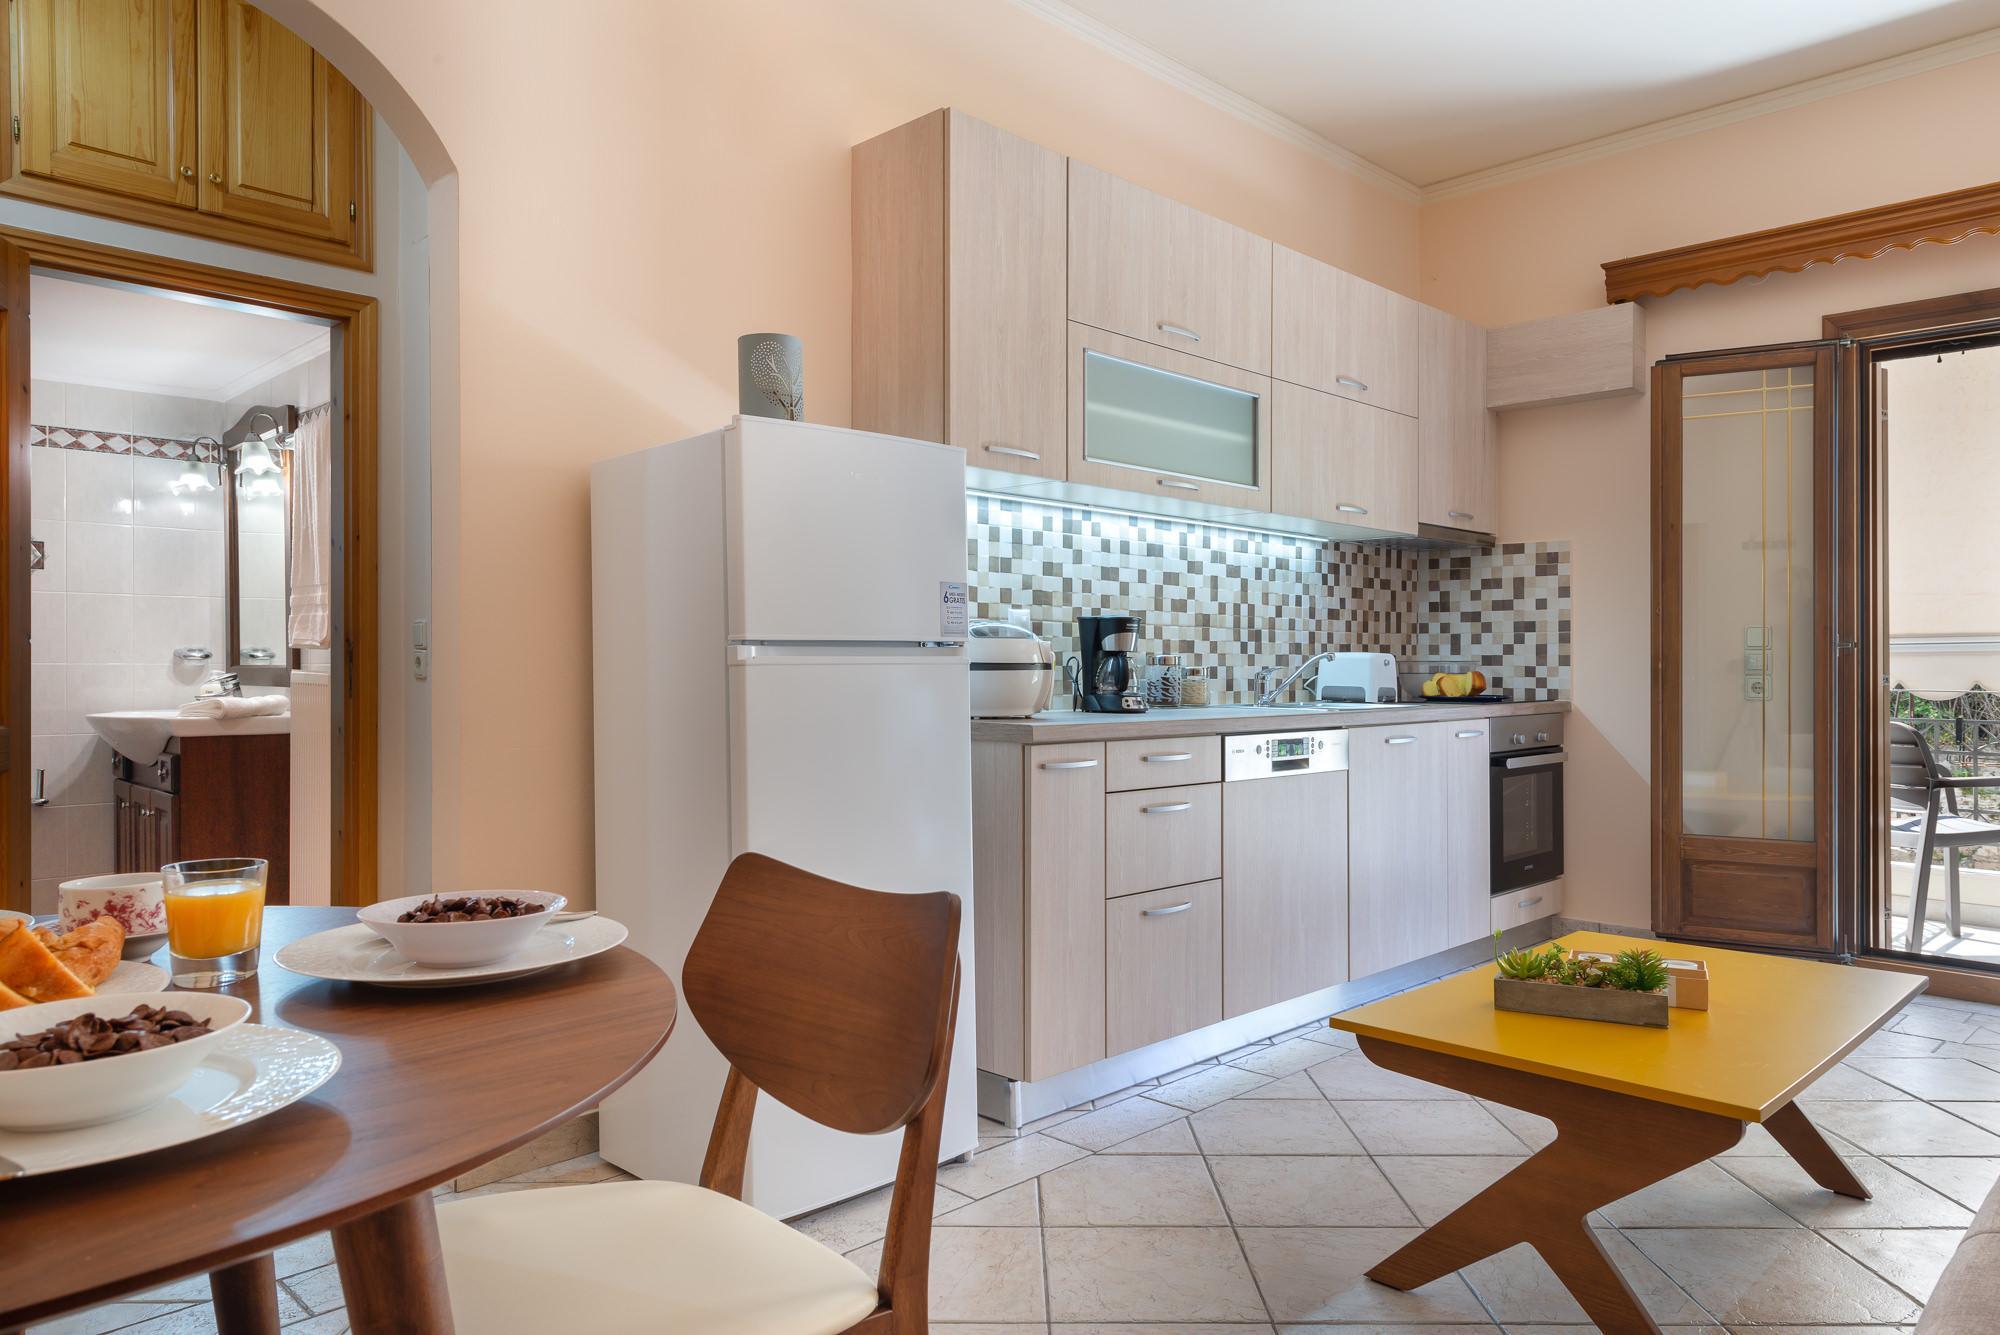 Katerina's Cozy Mountain View Apartment